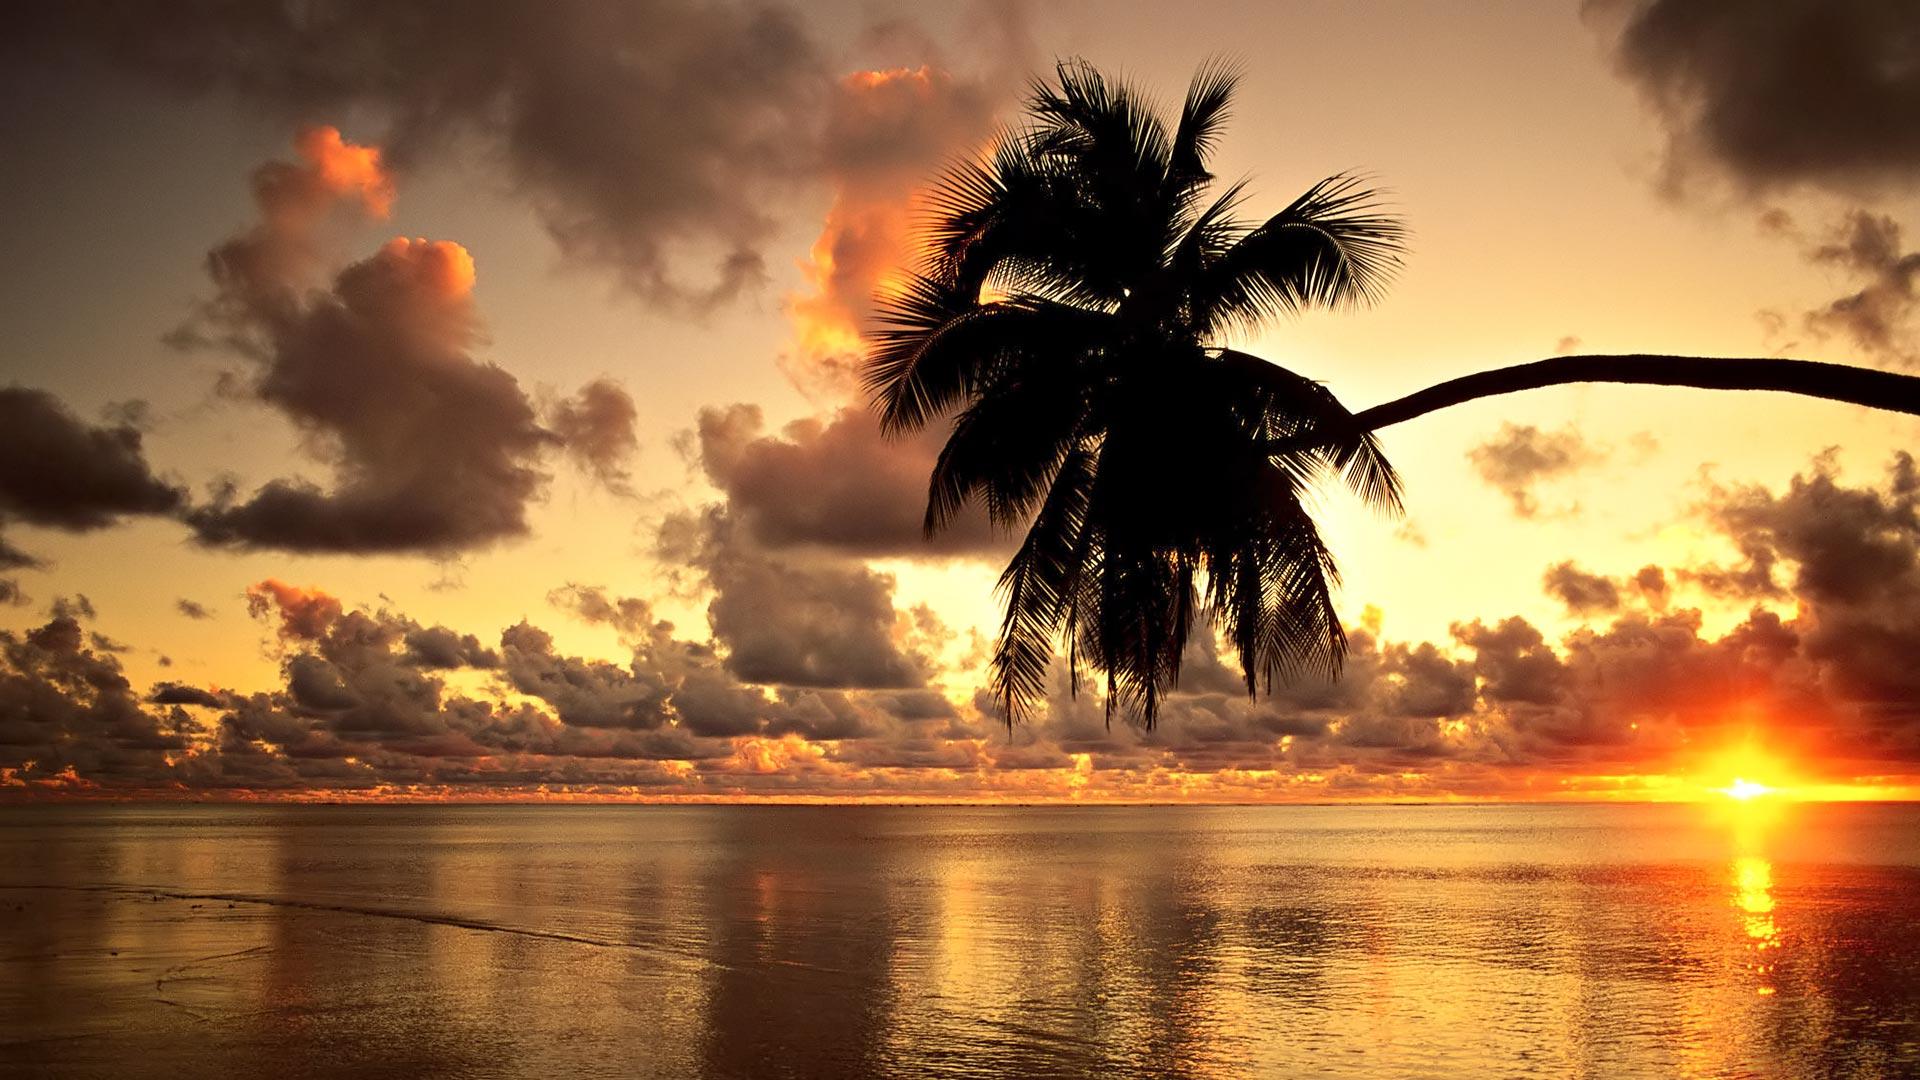 Hawaii Condos Golden sunset hd wallpaper High Definition Wallpaper 1920x1080